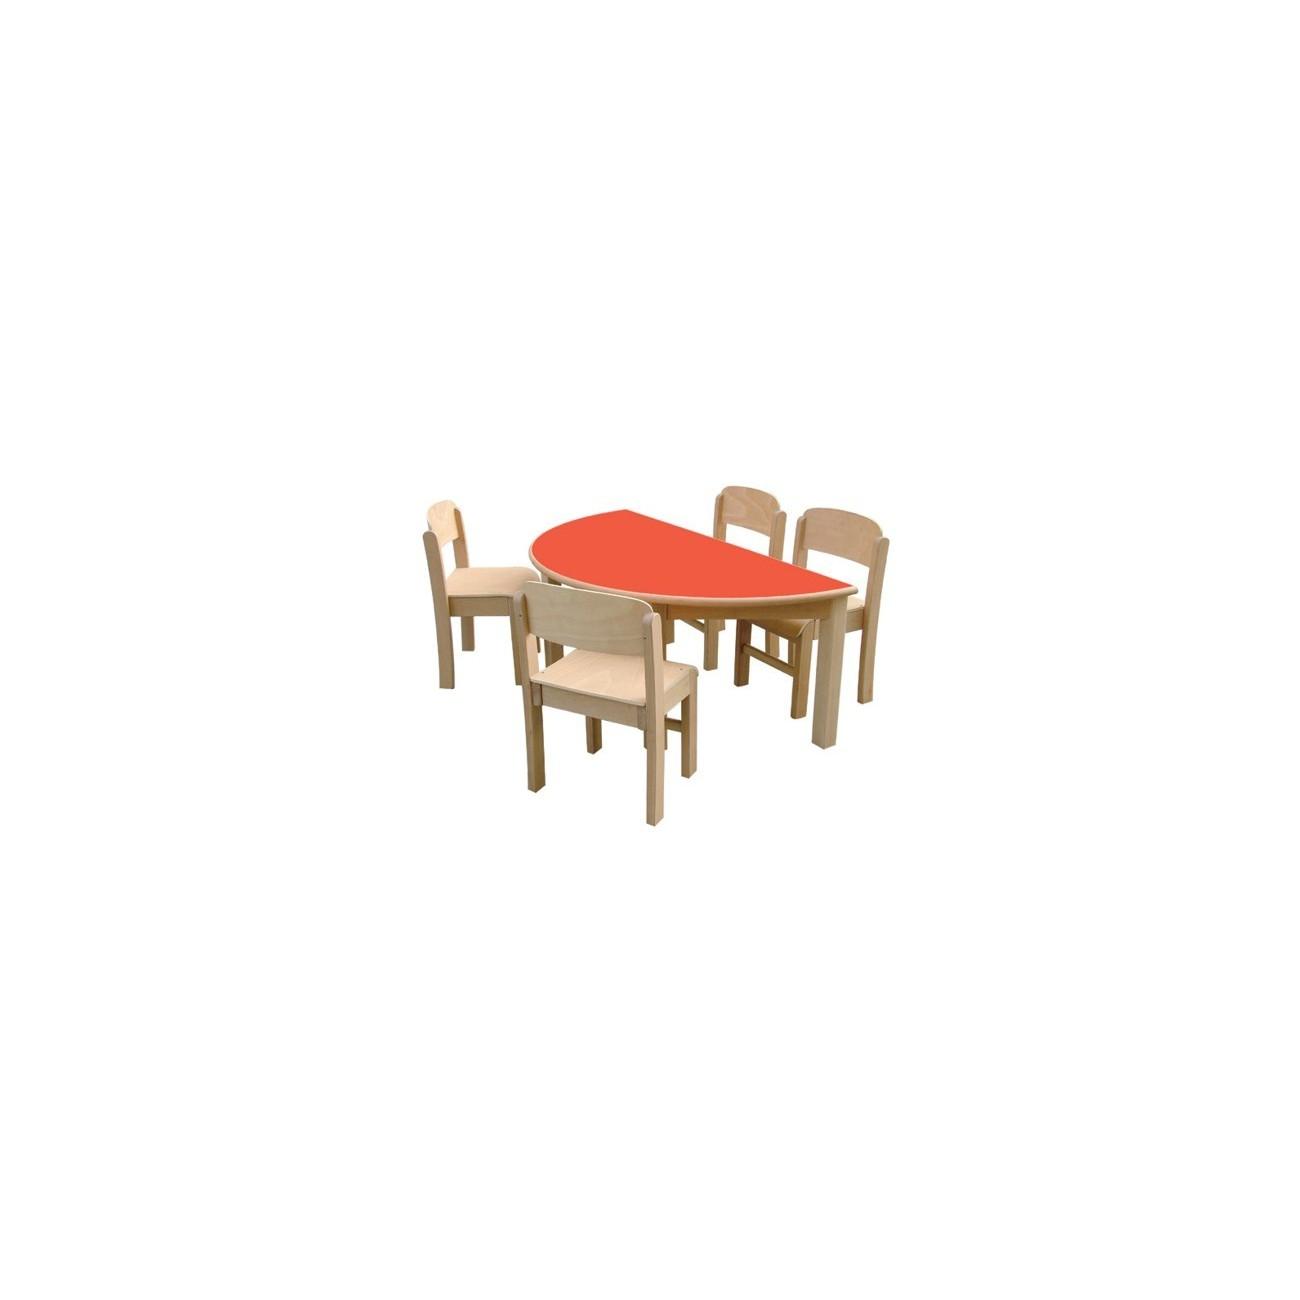 Mesa de madera modelo 3 semic rculo for Modelos de mesas de madera